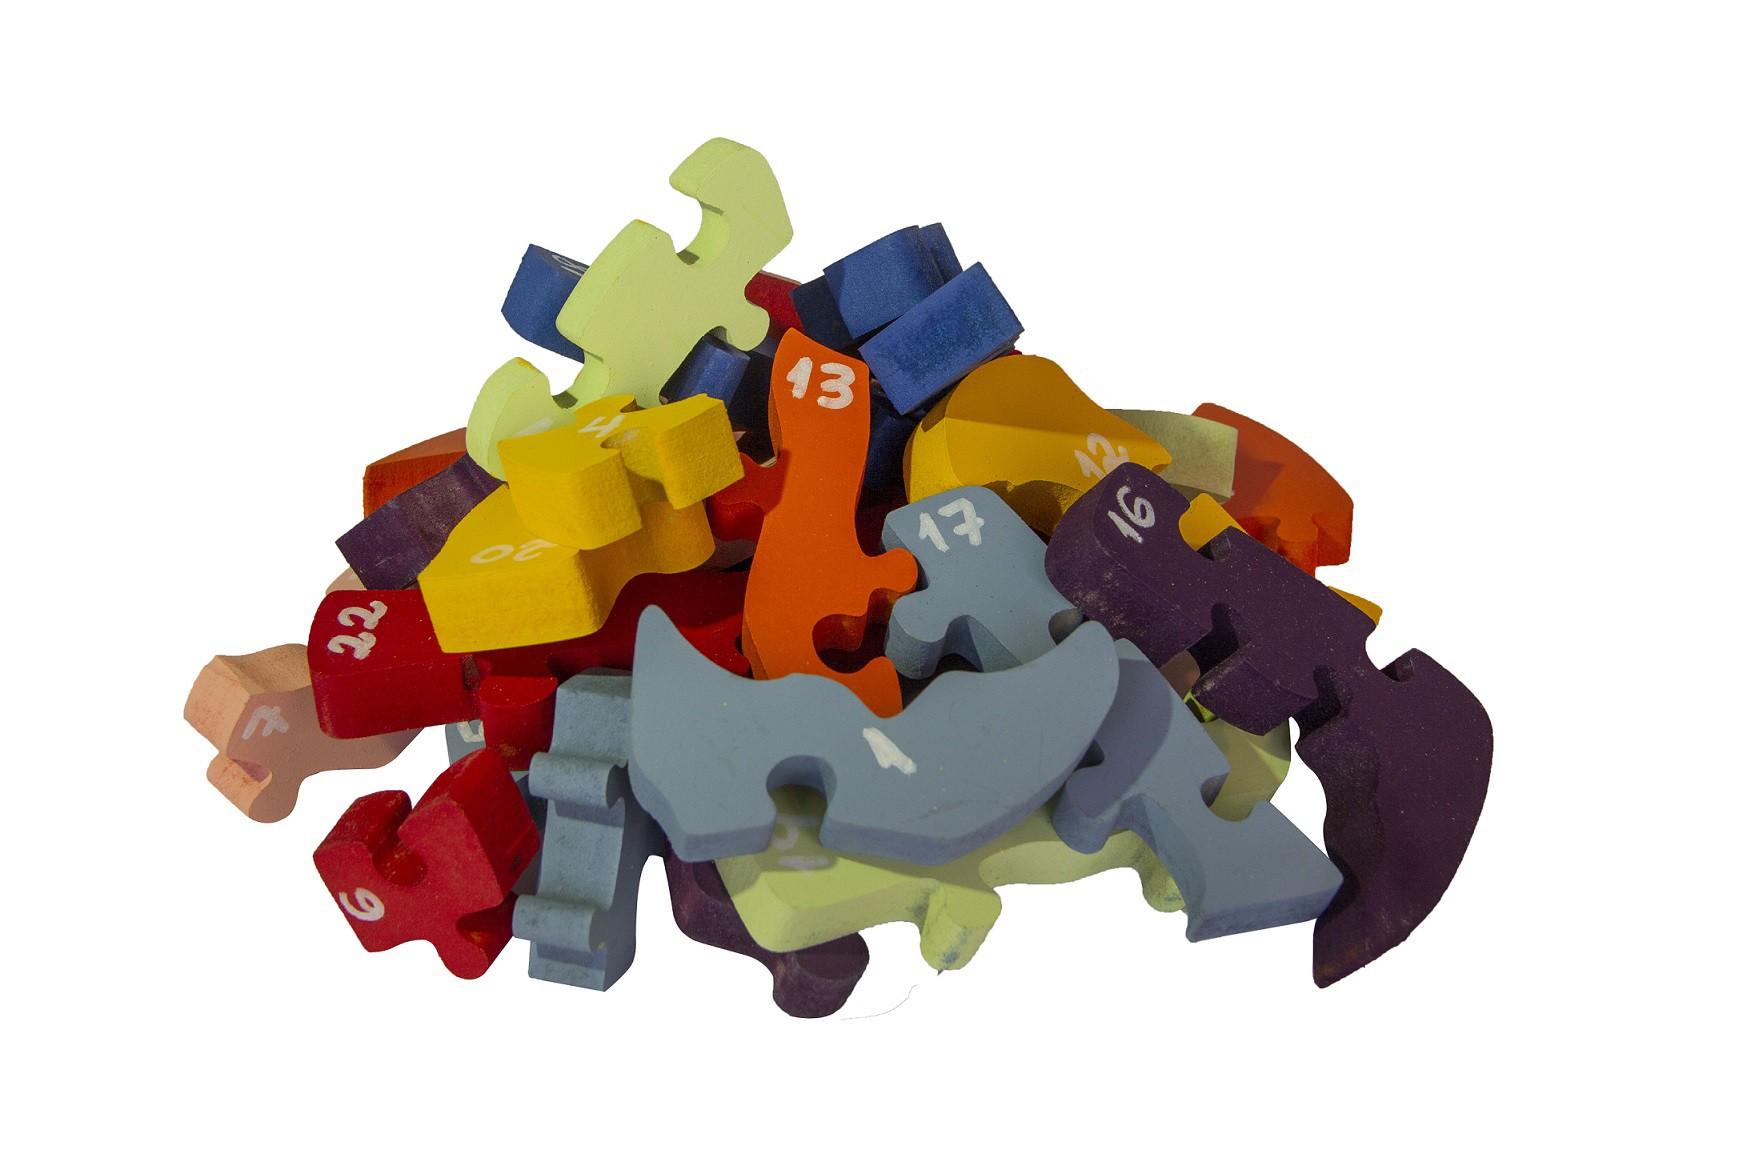 Brinquedo de madeira Quebra-cabeça com Alfabeto e Números - Baleia, da Fábrika dos Sonhos - Cód. FS12